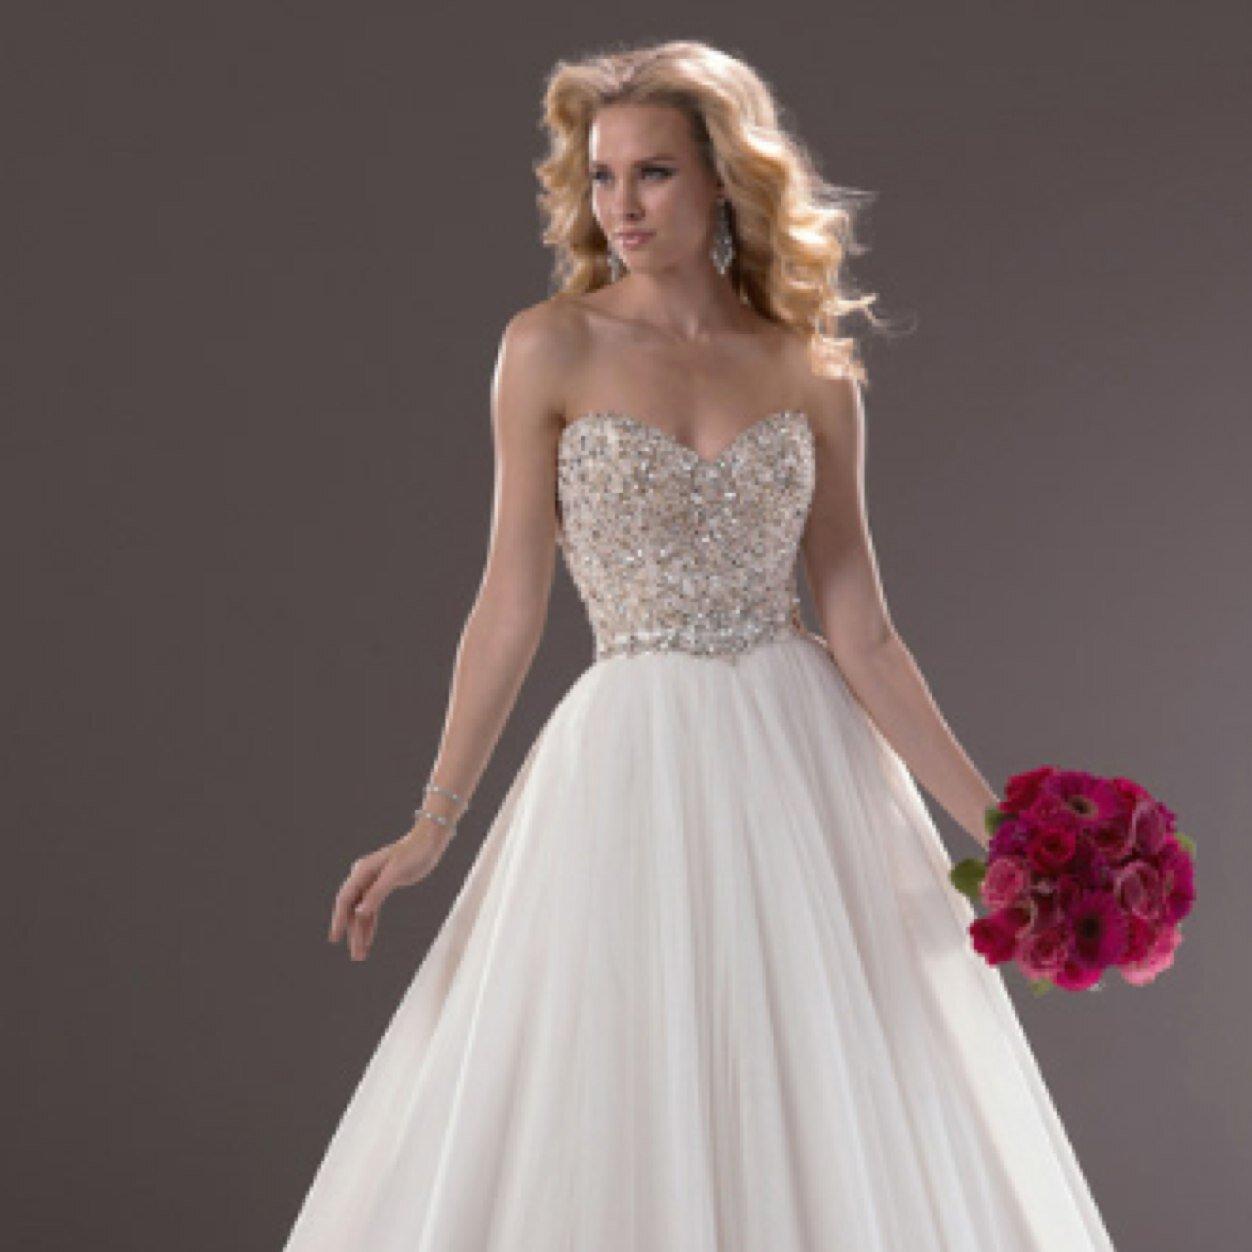 The Exquisite Bride (@Exquisitebridal) | Twitter